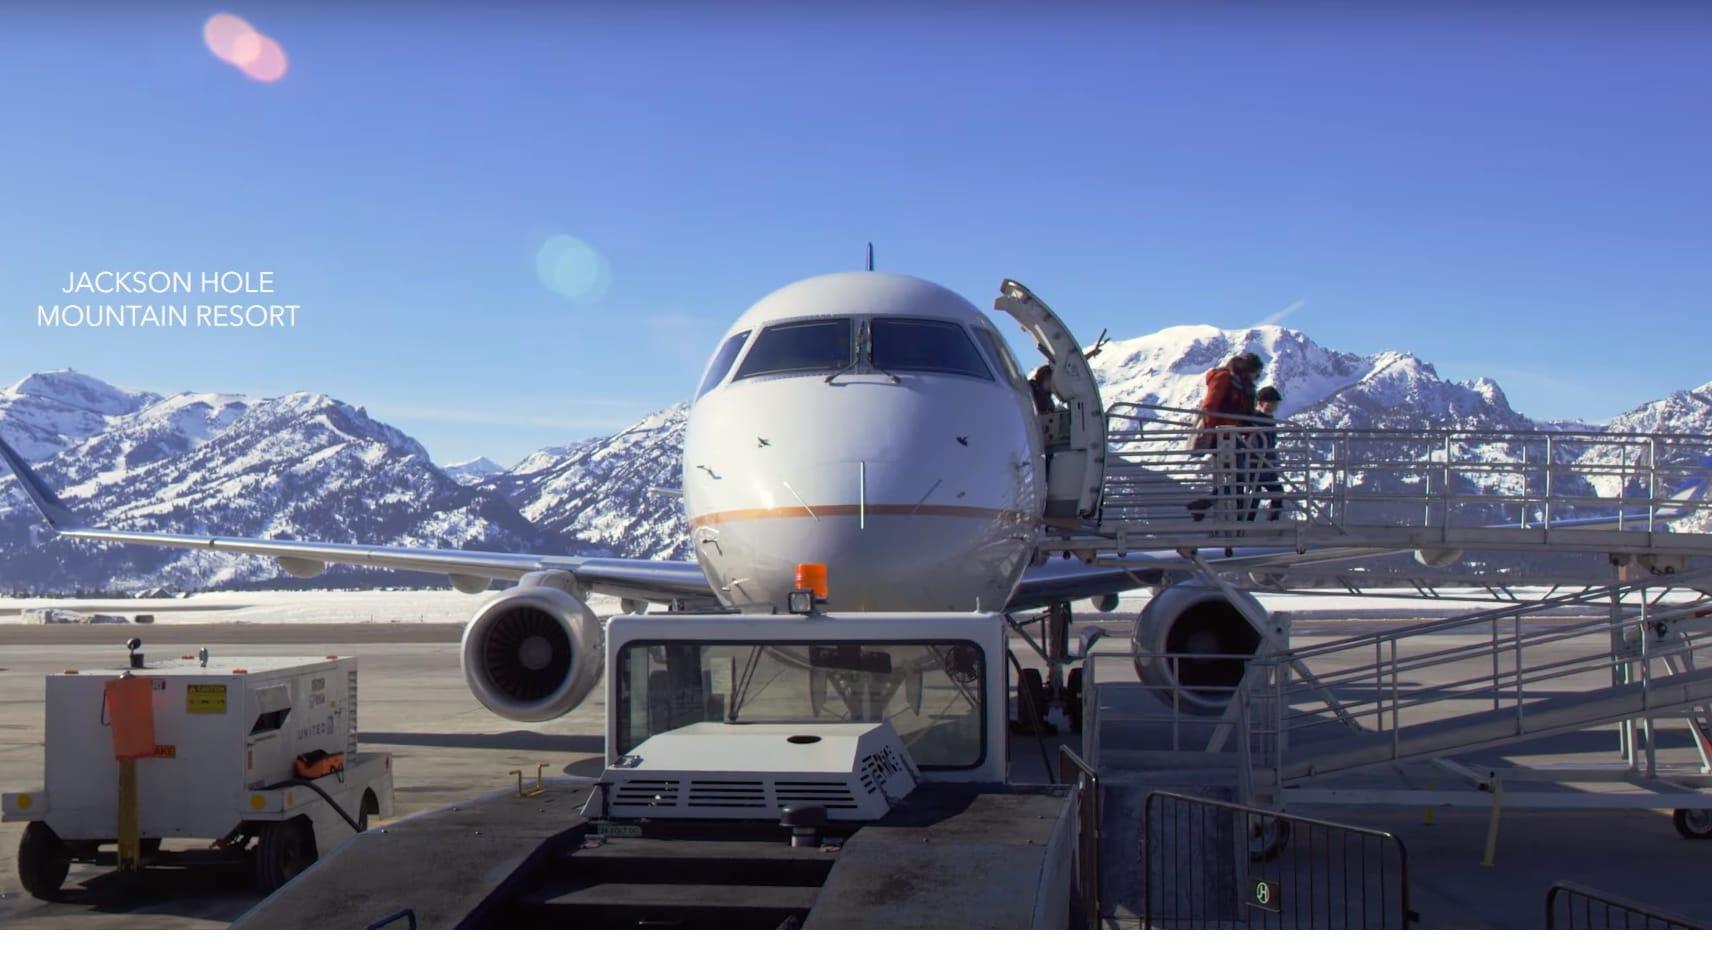 Airport to Resort: